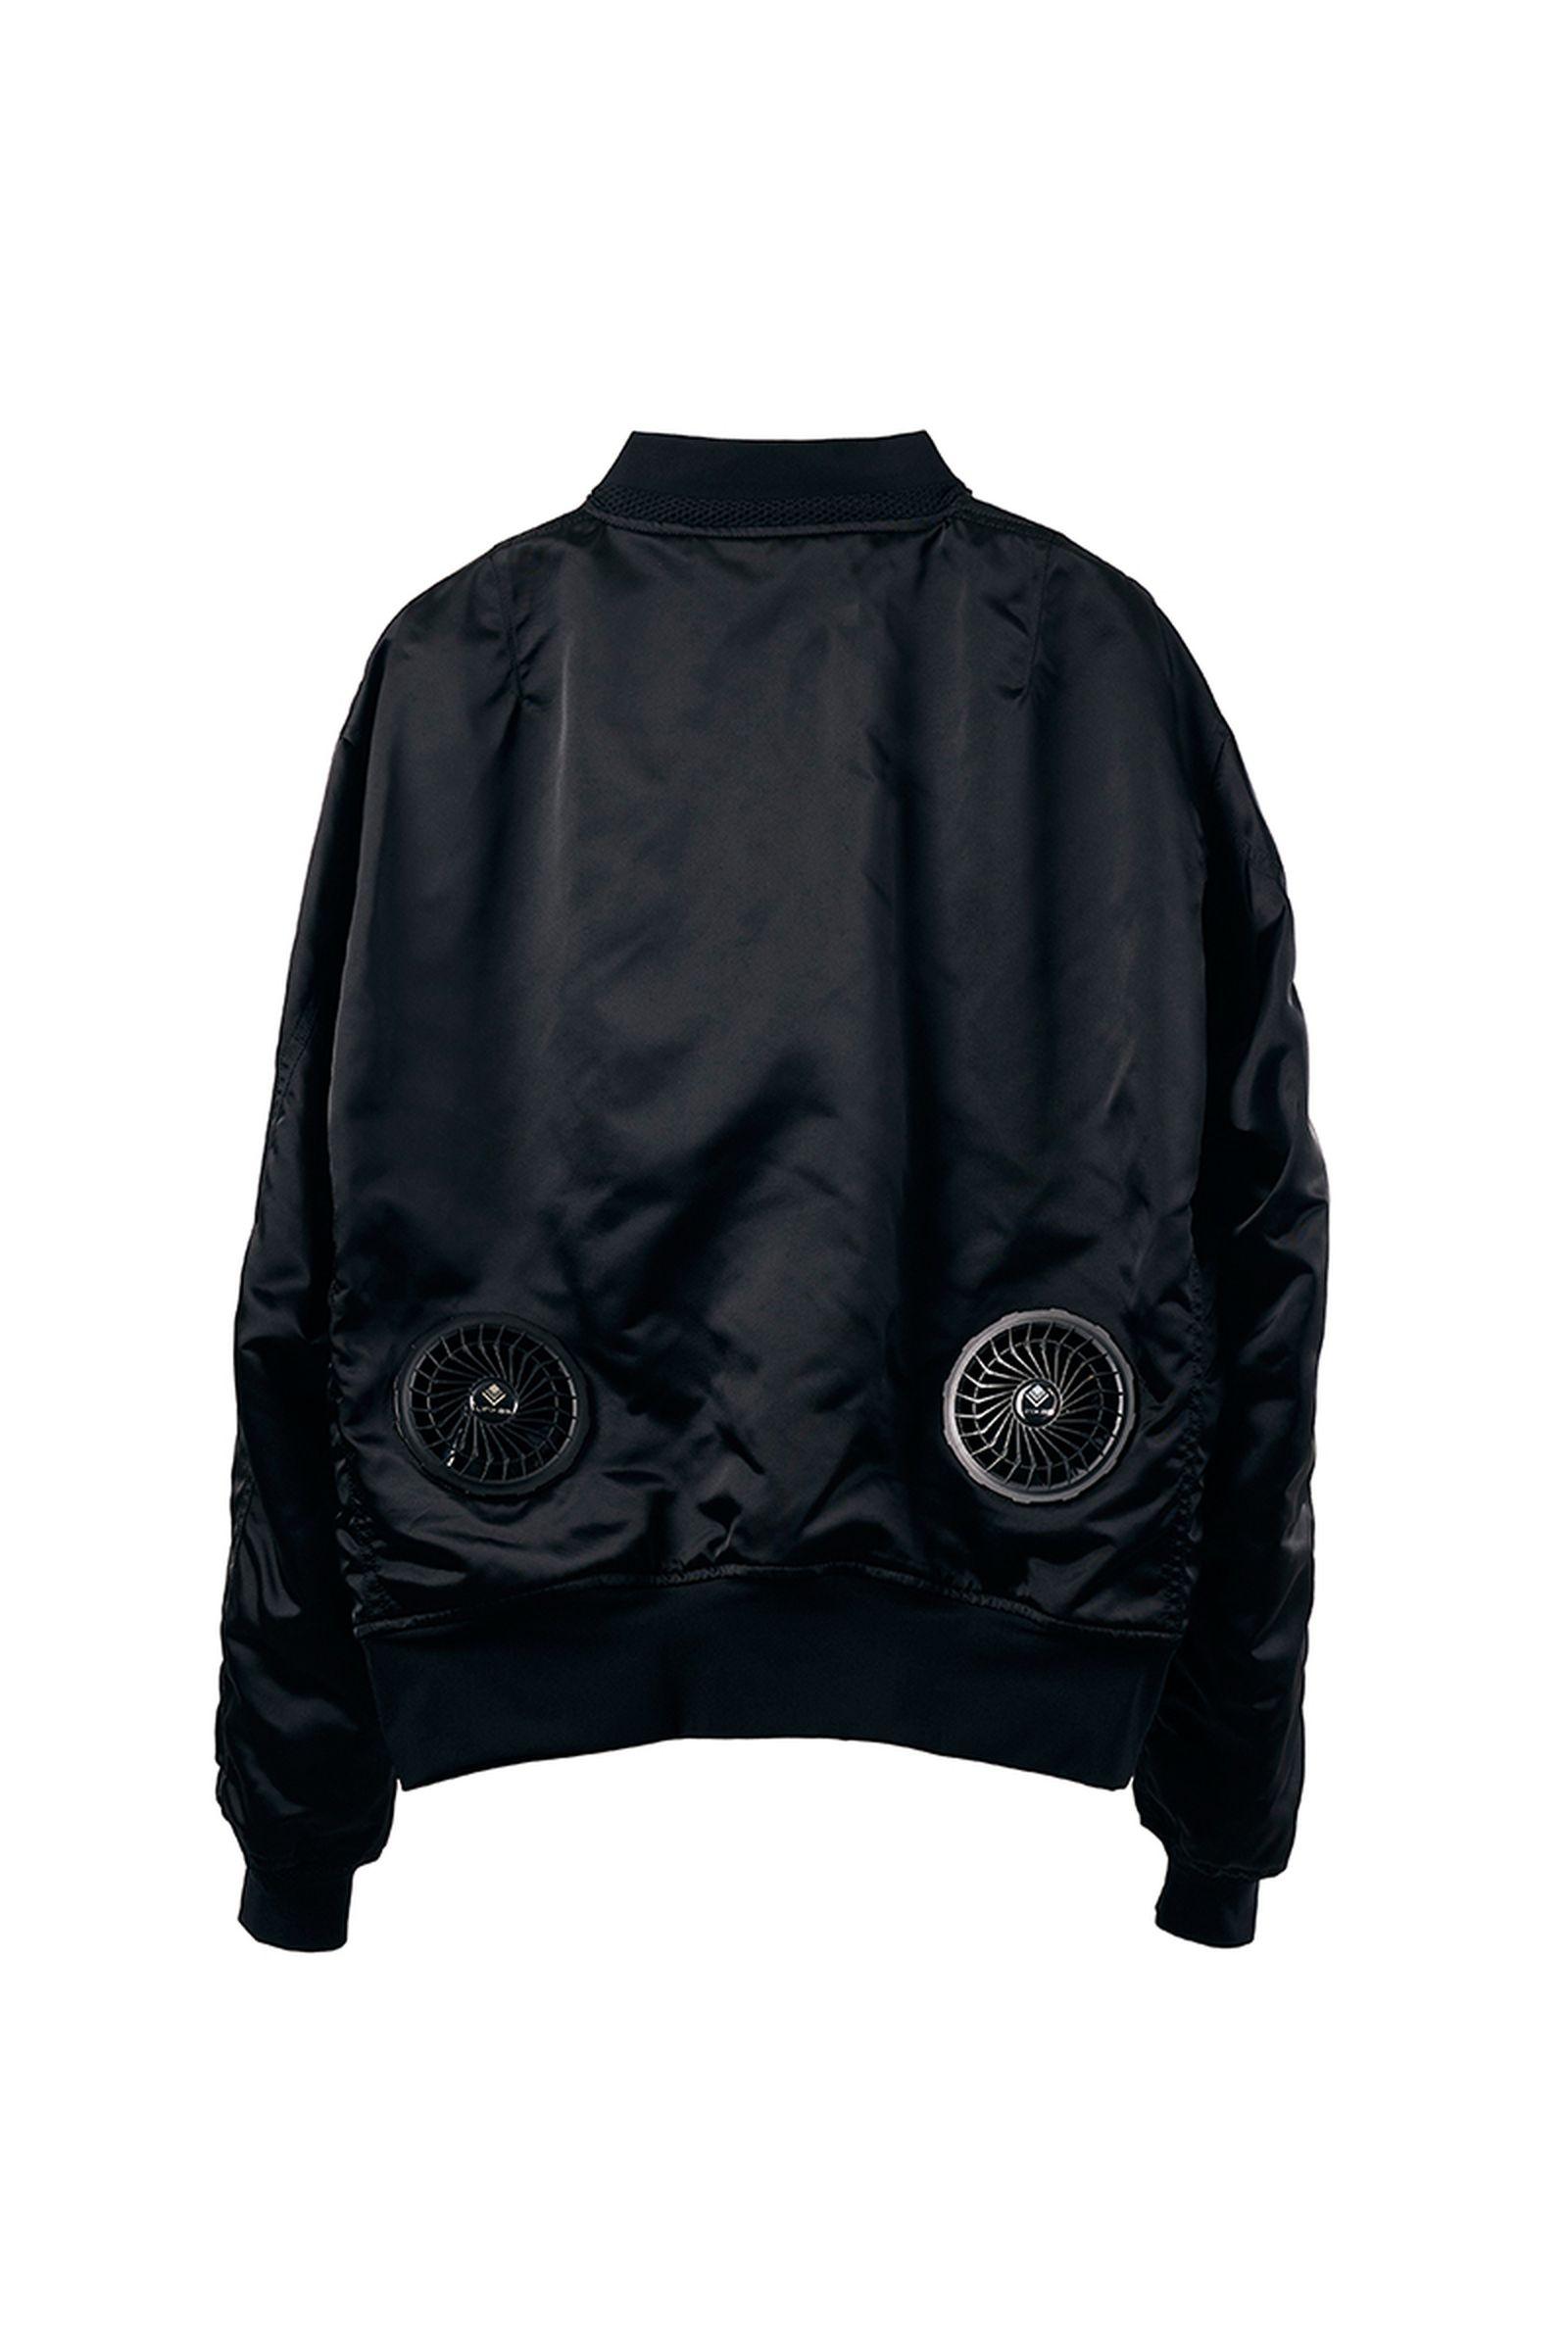 taiga liona fan cooled clothing (6)